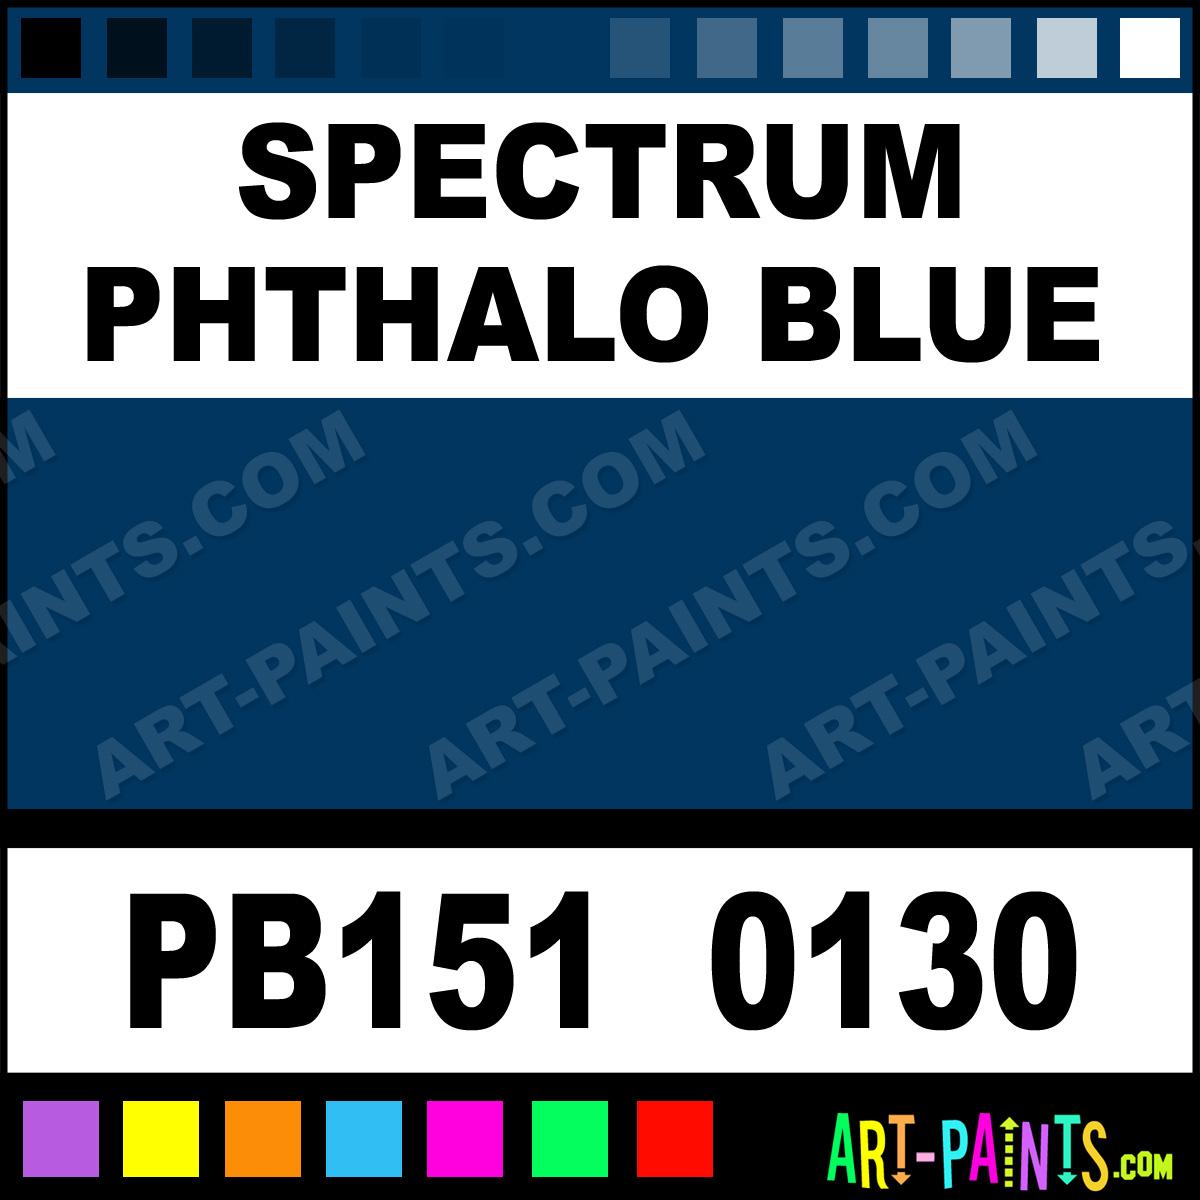 Spectrum phthalo blue artists oil paints pb151 0130 for Paint color spectrum